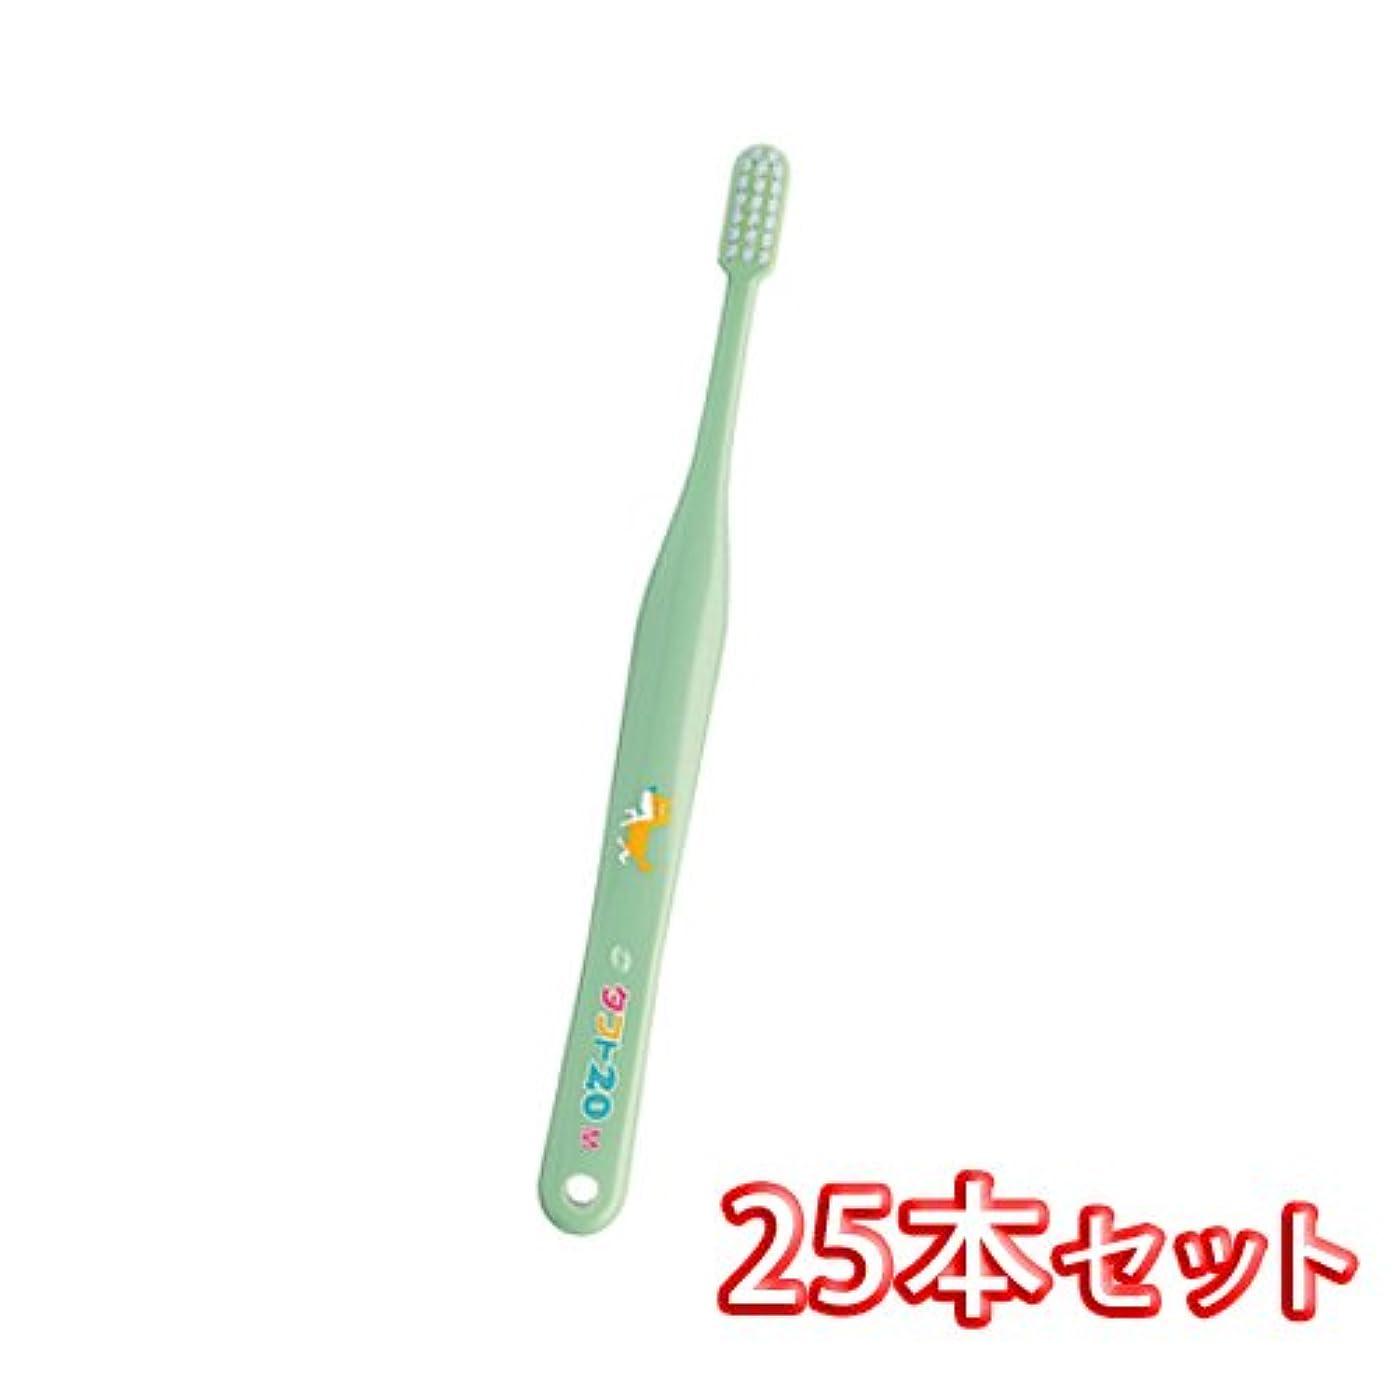 現実的バブル刺激するオーラルケア タフト20 歯ブラシ ミディアム 25本入 M グリーン